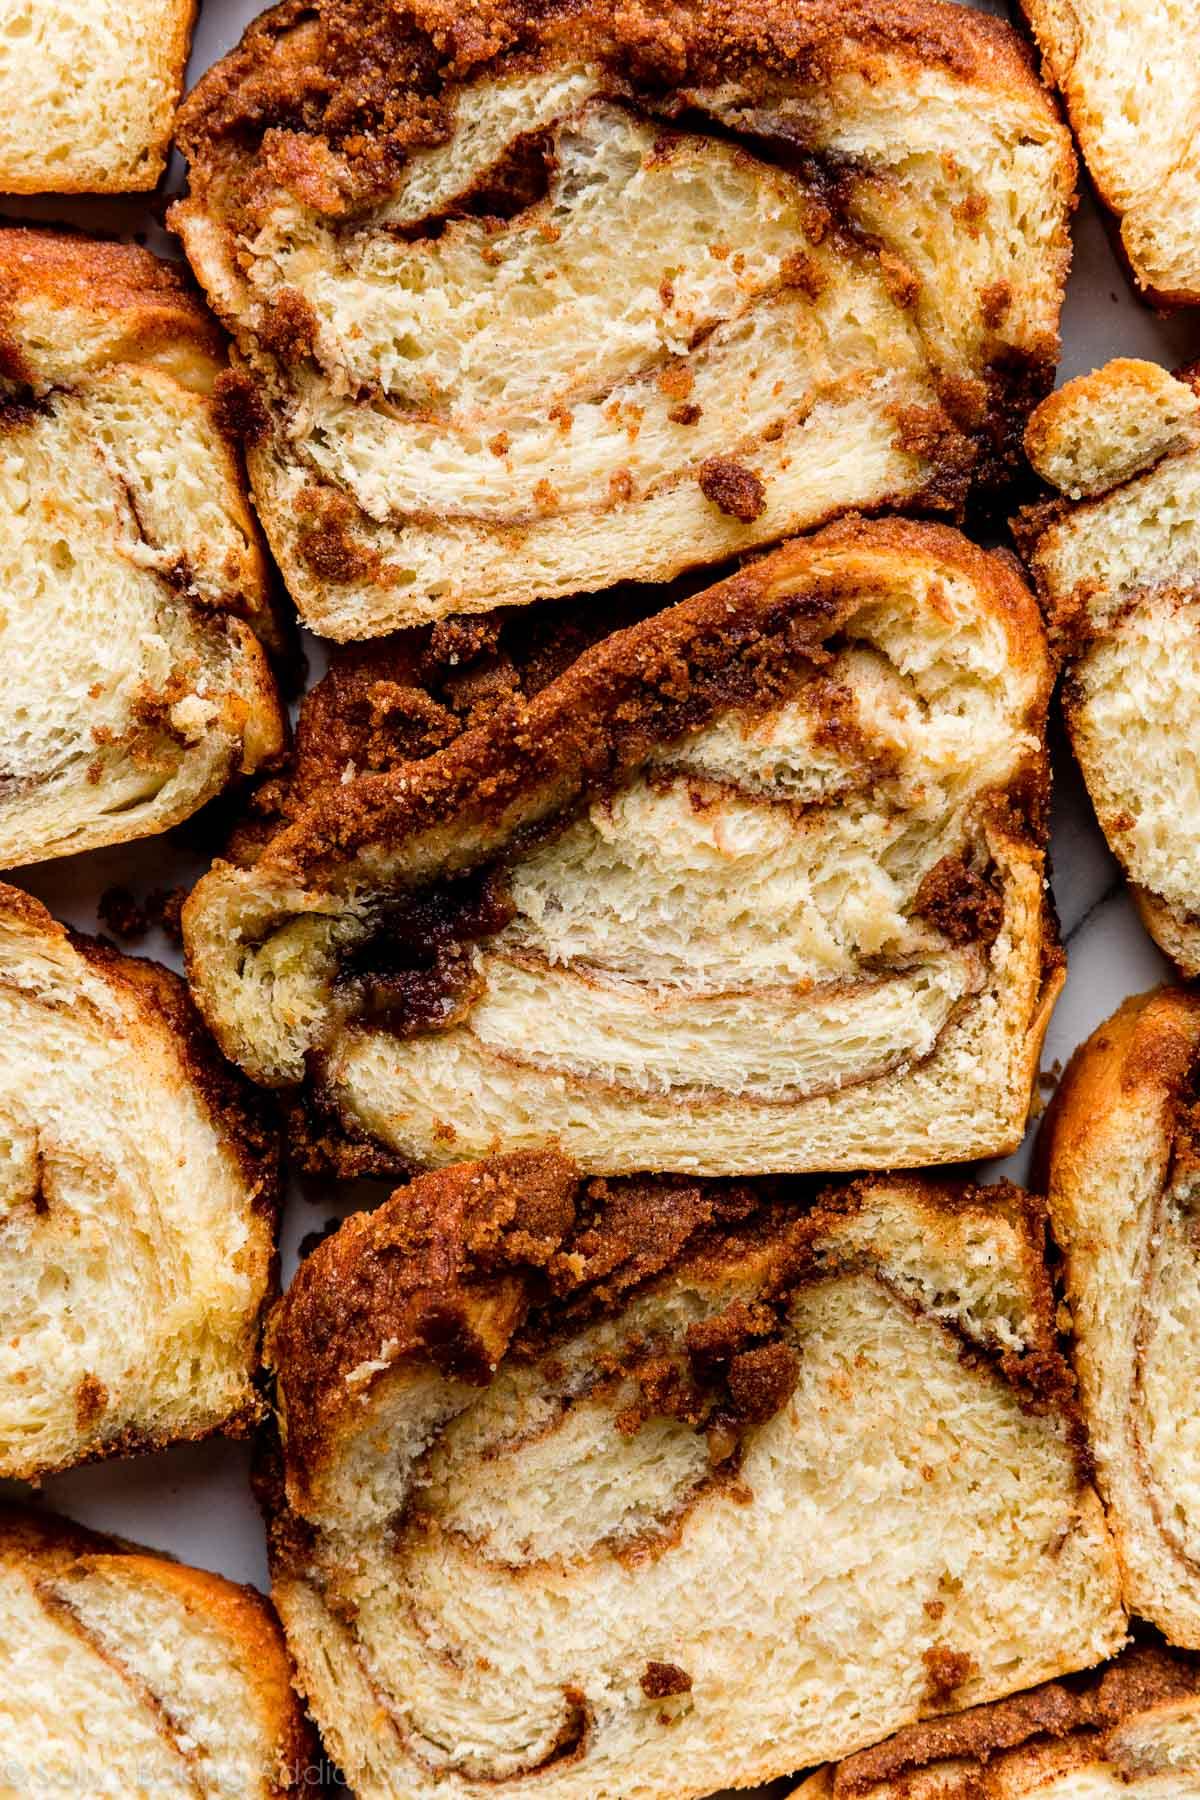 tranches de pain croustillant à la cannelle